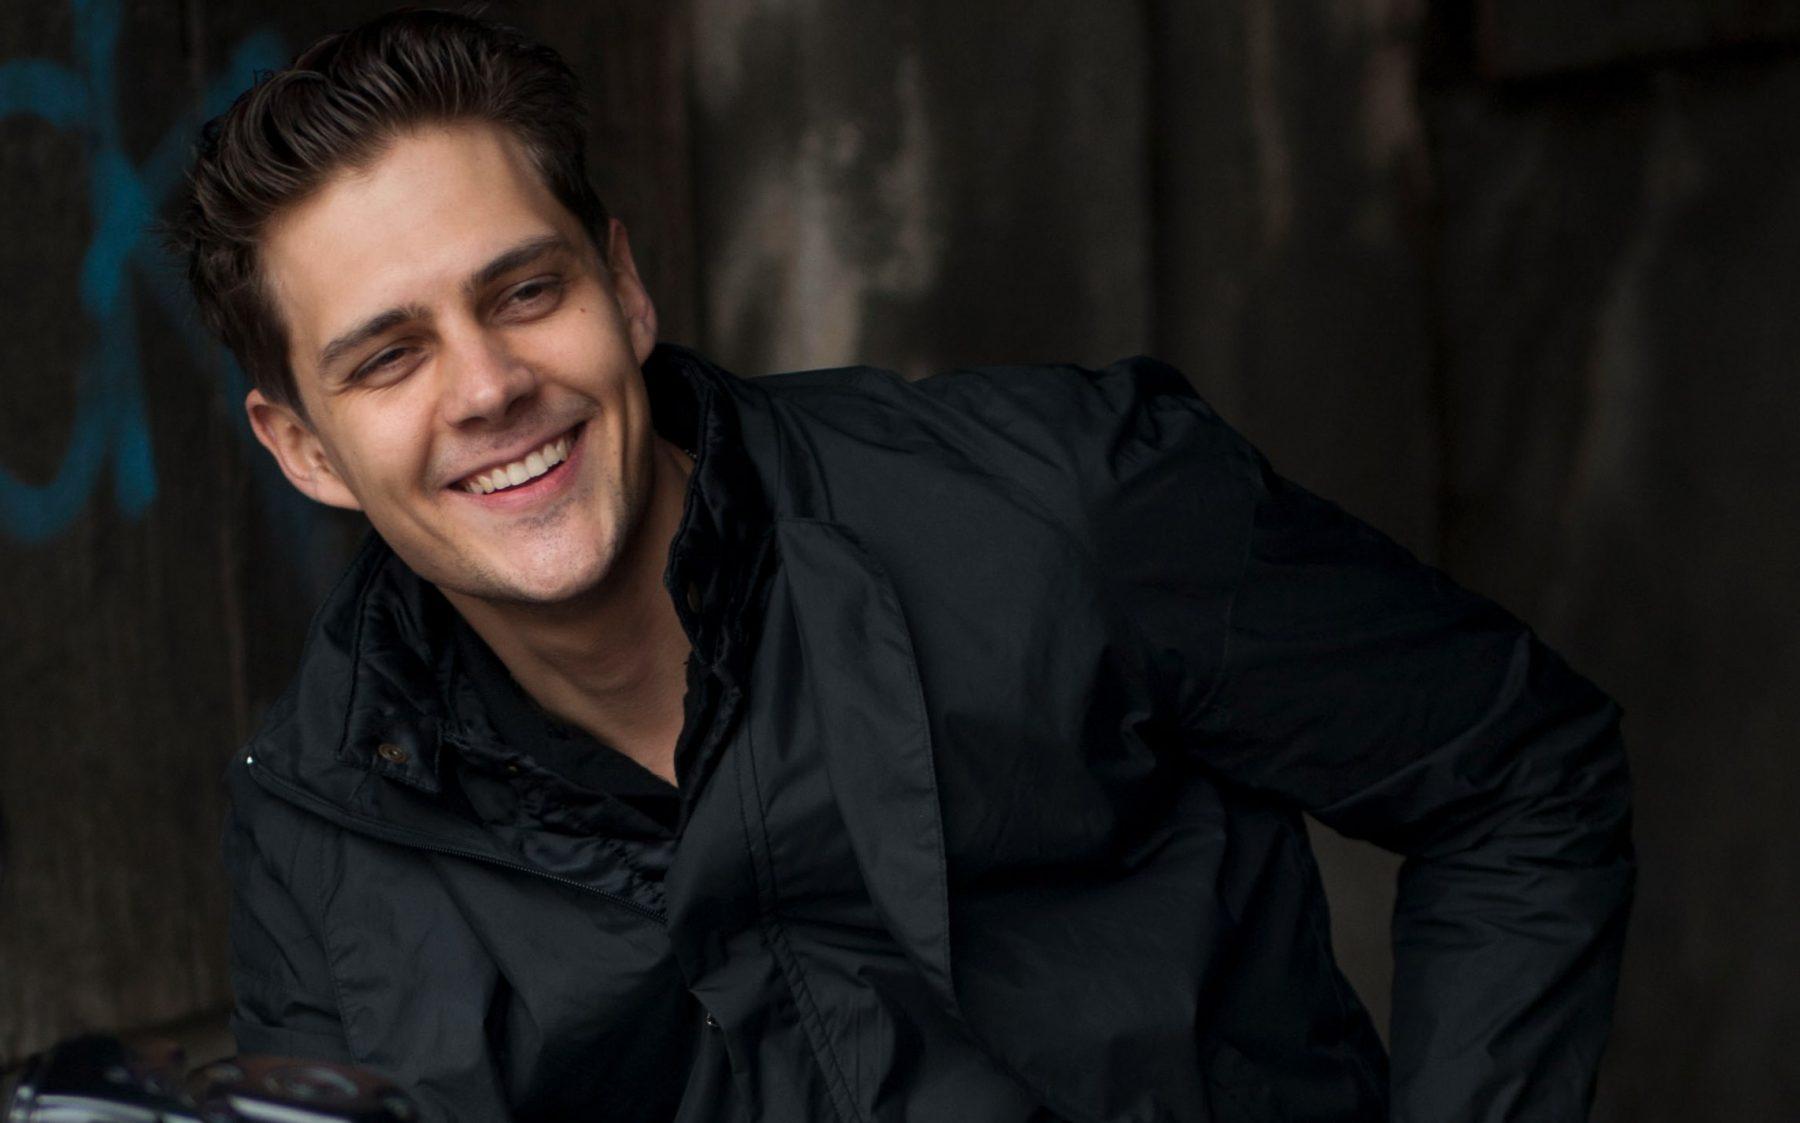 «Хорошие актеры были заняты»: Милош Бикович рассказал оновой роли нашоу «Вечерний Ургант»